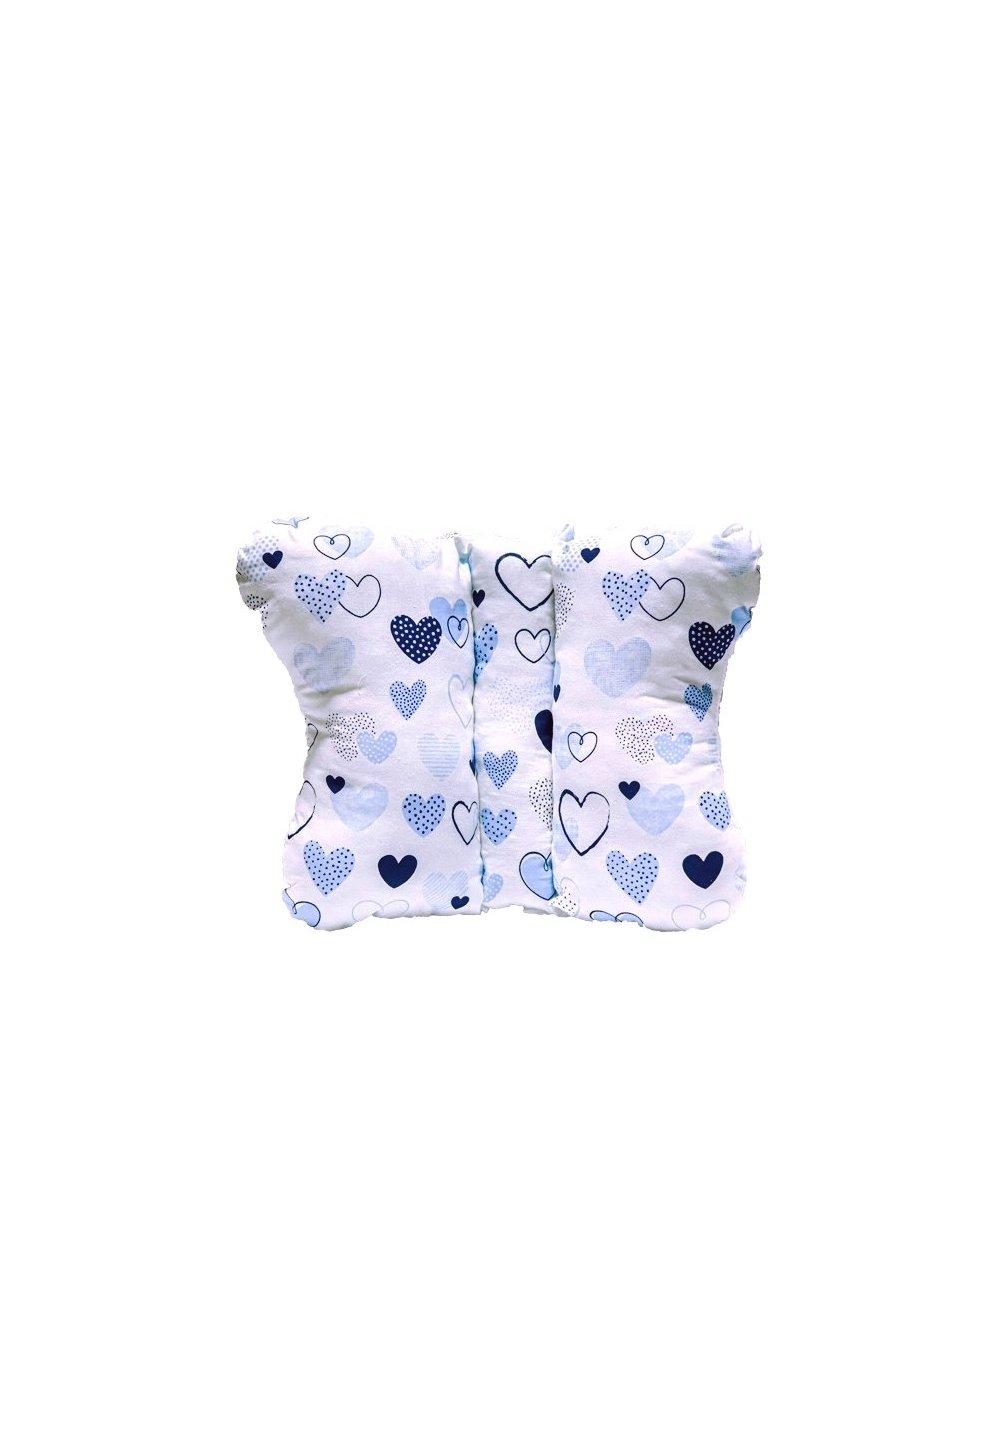 Perna fluturas, alba cu inimioare albastre imagine